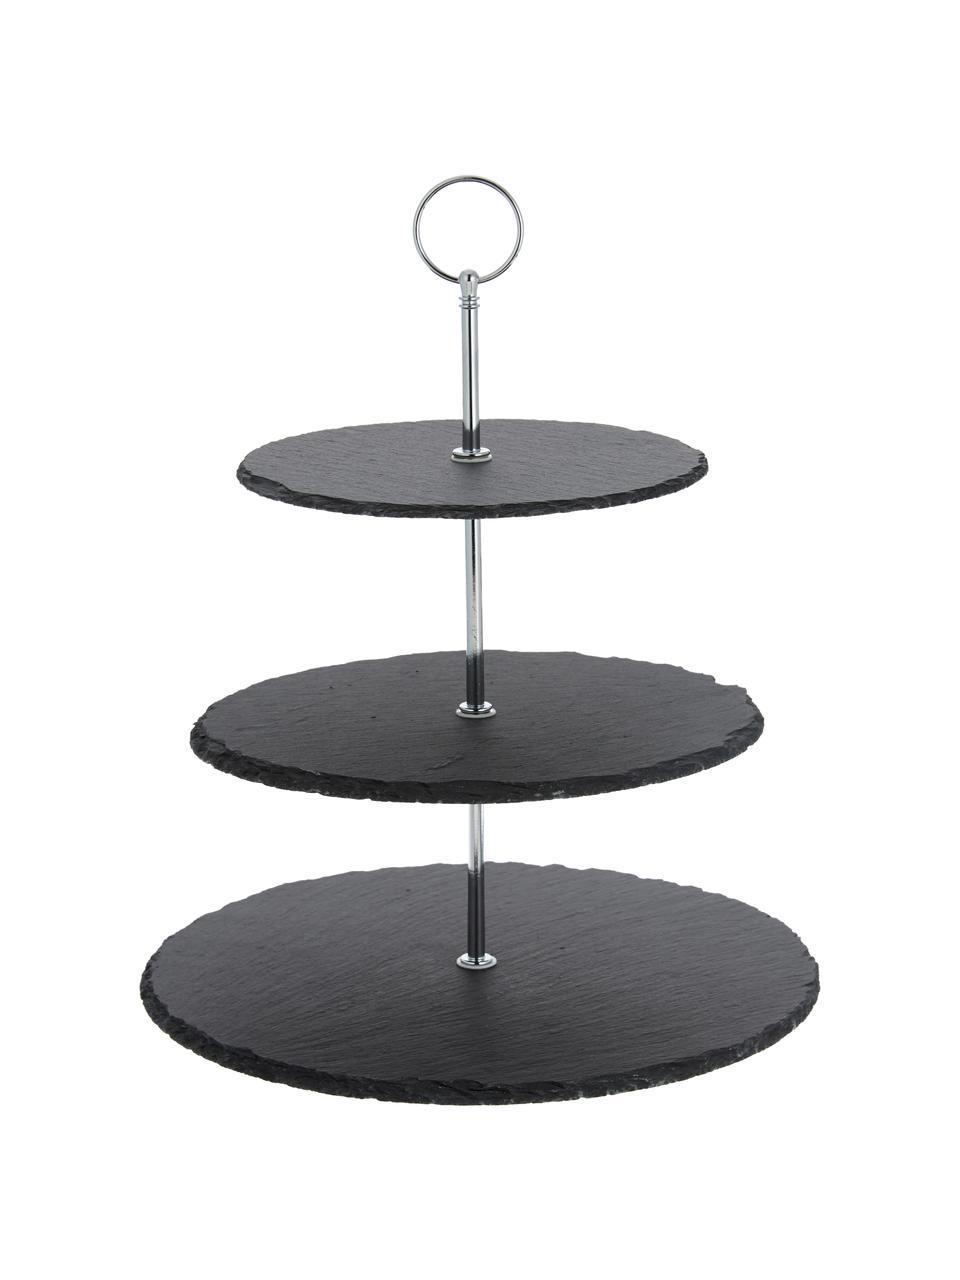 Etażerka z płytami łupkowymi Cooper, Stelaż: metal chromowany, Czarny, chrom, Ø 30 x W 31 cm